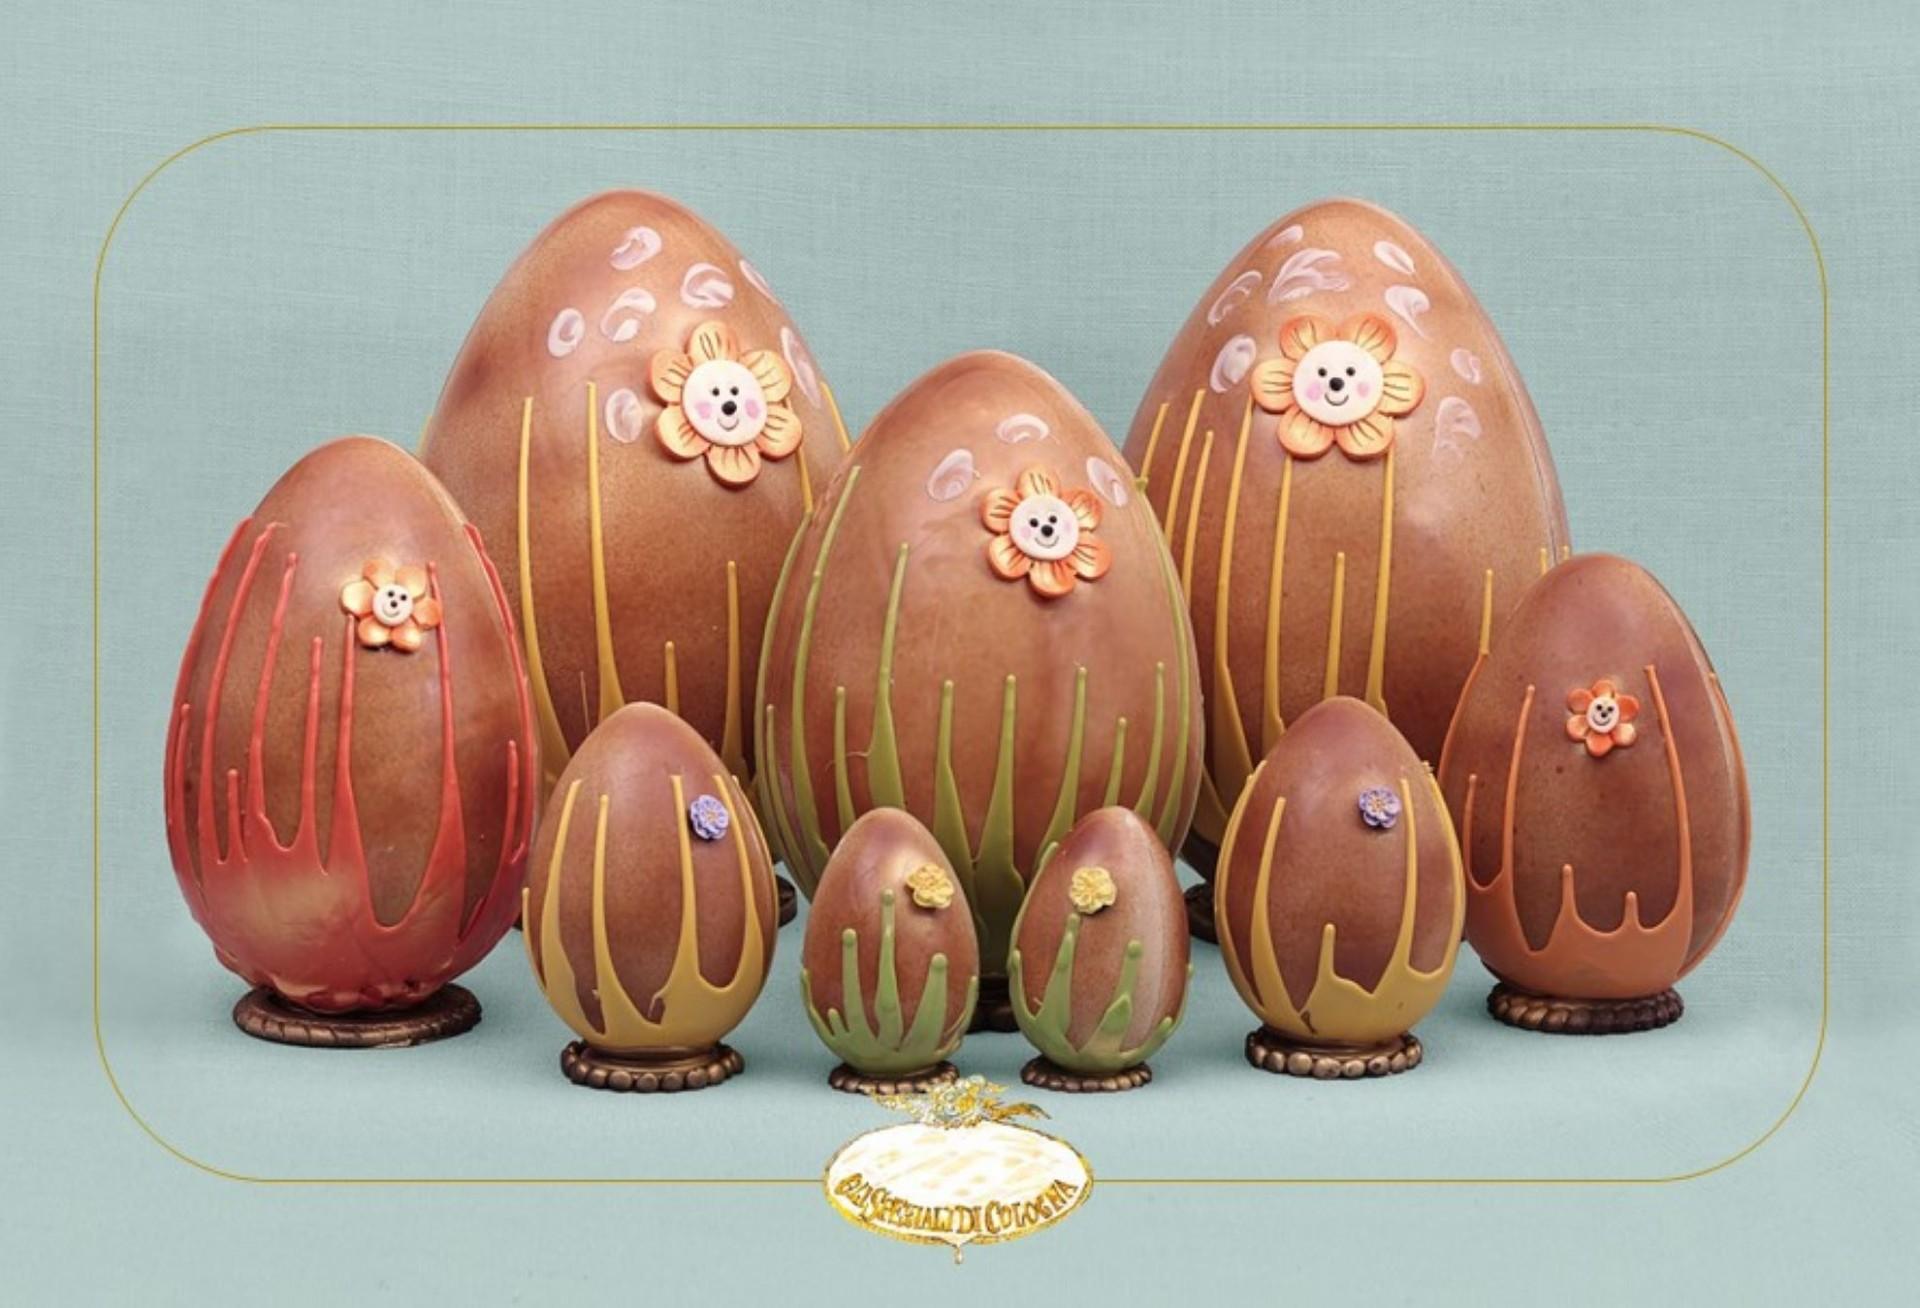 gli-speziali-di-cologna-veneta-uovo-di-cioccolato-pasquale-con-sorpresa-margherita.jpg